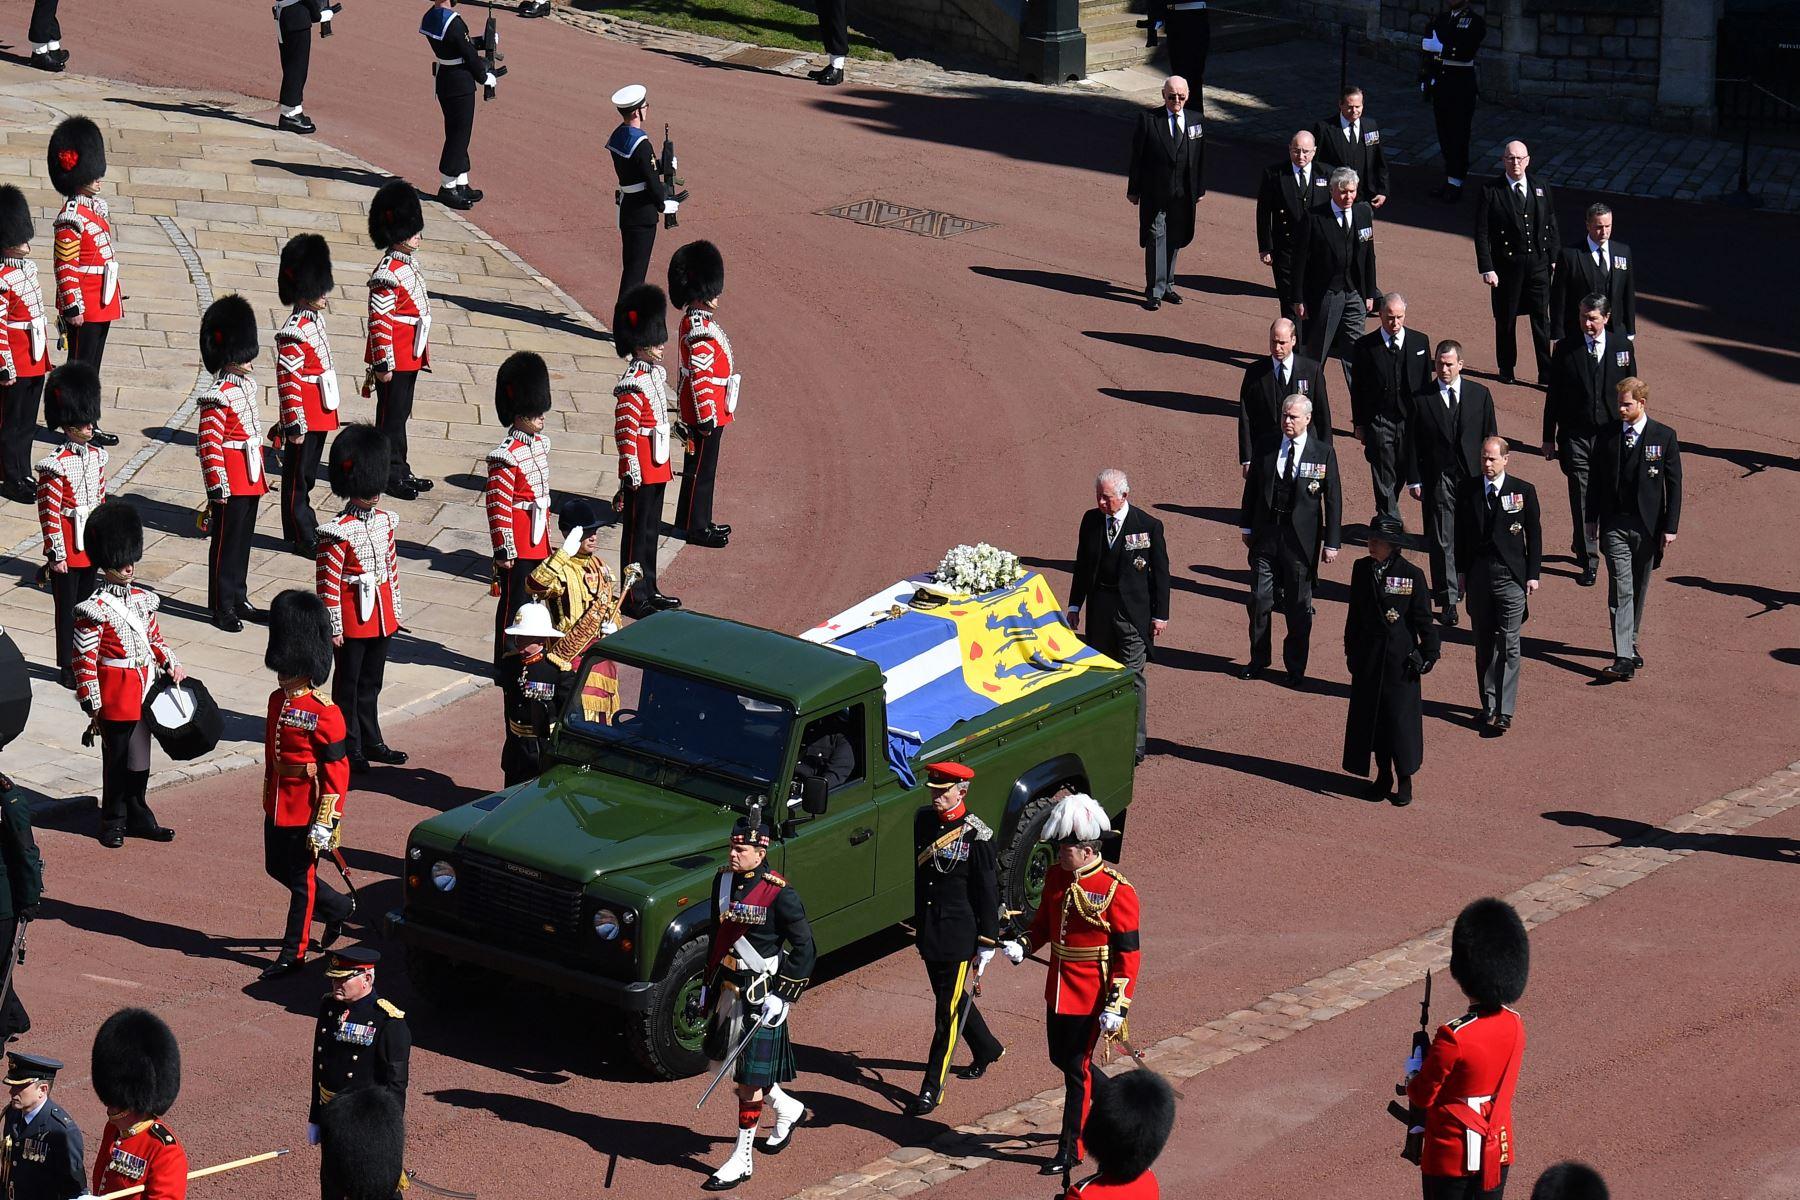 Los miembros de la familia real marchan detrás del ataúd durante la procesión del funeral ceremonial del príncipe Felipe de Gran Bretaña, duque de Edimburgo, hasta la capilla de San Jorge en el castillo de Windsor. Foto: AFP